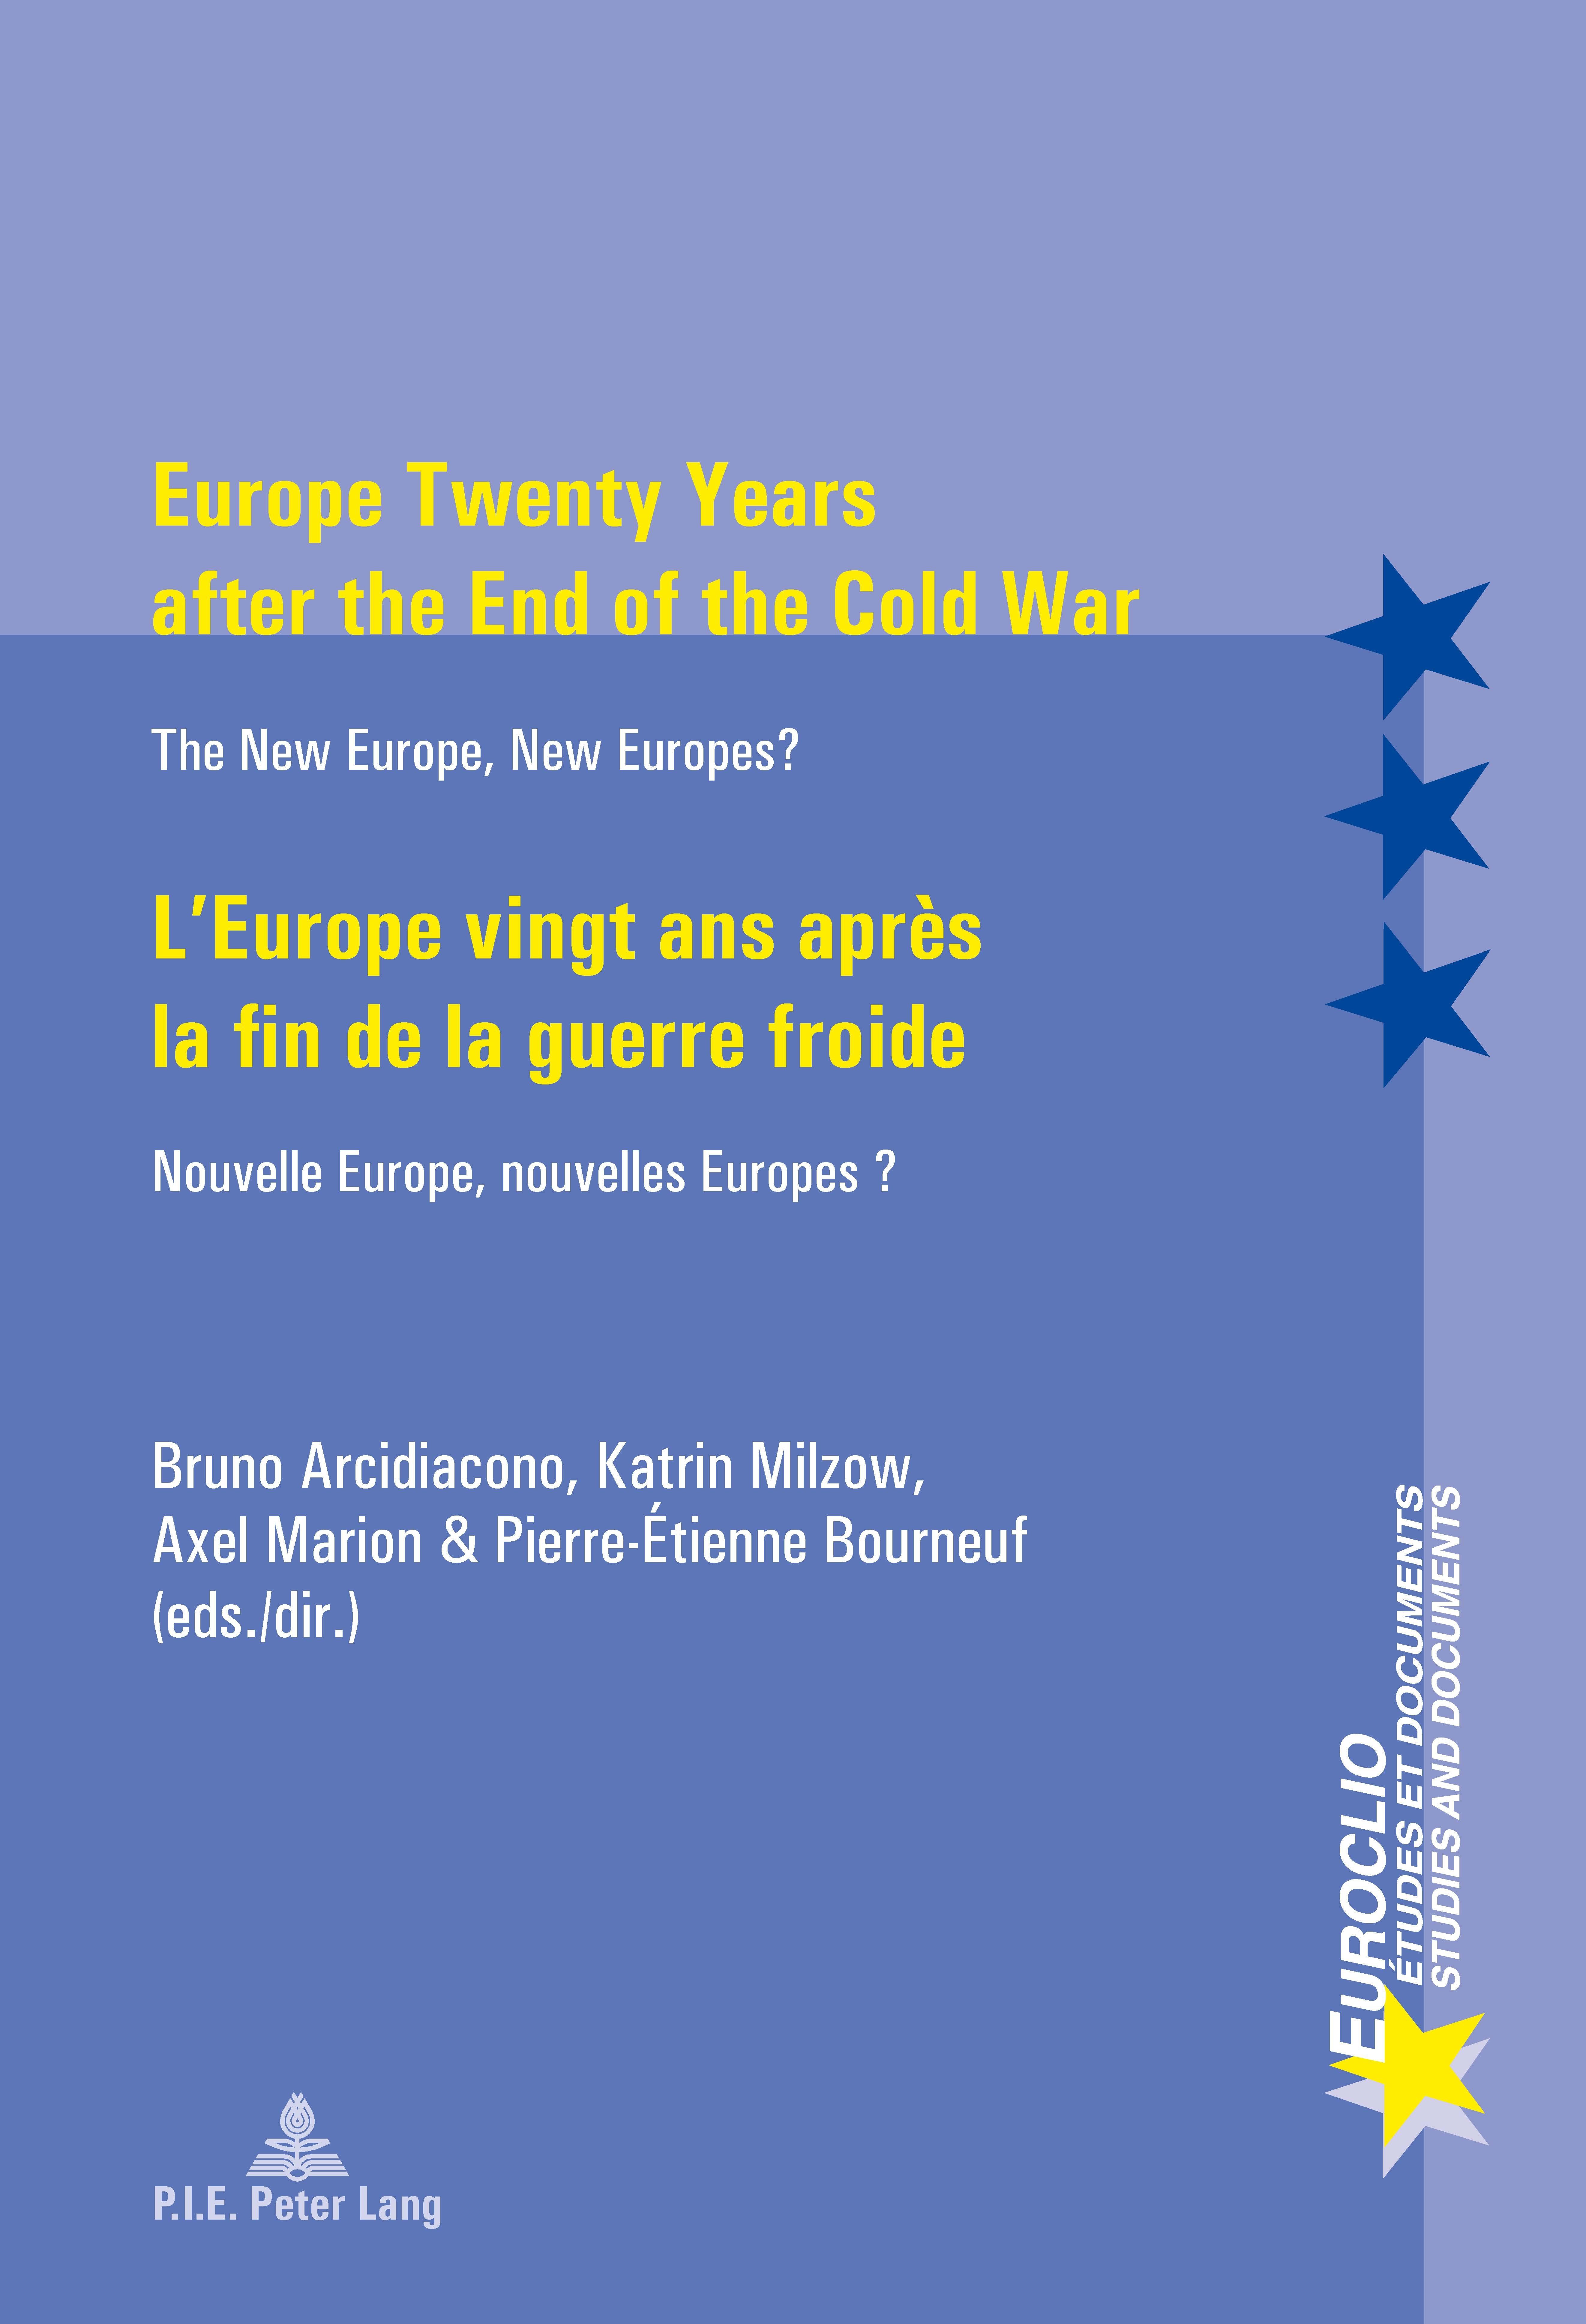 EUROPE TWENTY YEARS AFTER THE END OF THE COLD WAR/L'EUROPE VINGT ANS APRES LA FIN DE LA GUERRE FROID